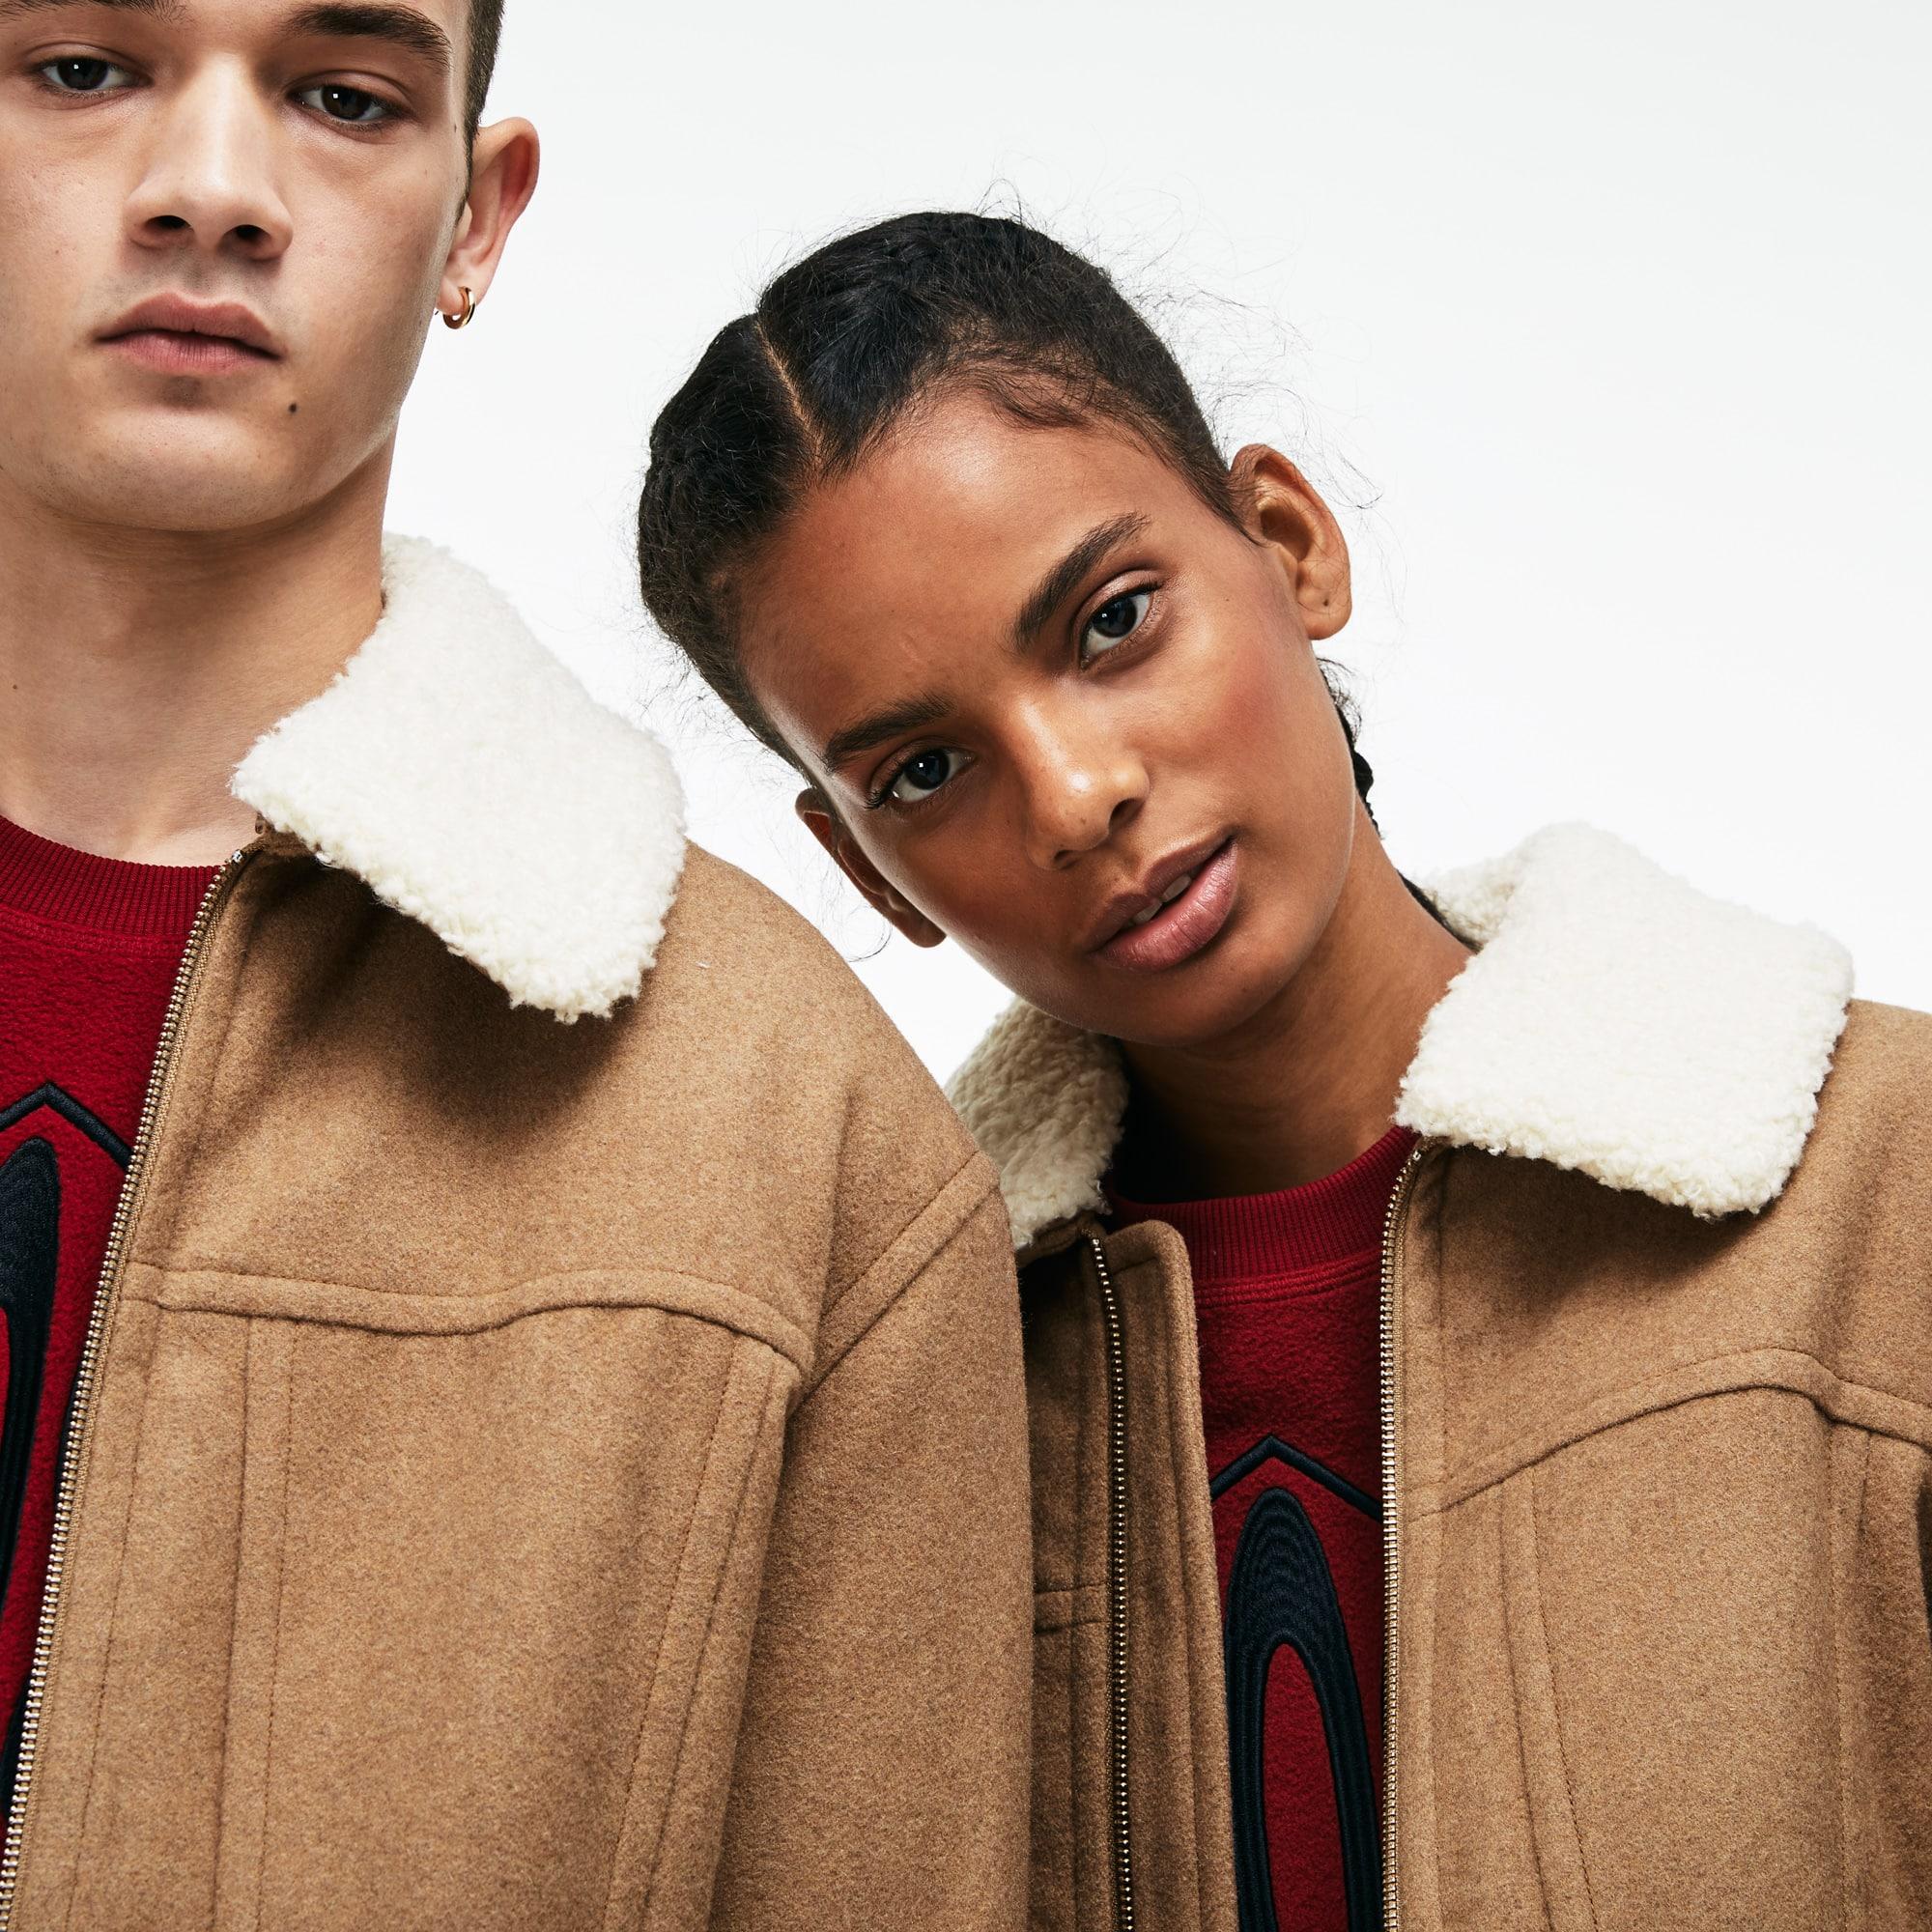 Giubbotto unisex con zip Lacoste LIVE in lana con collo rimovibile